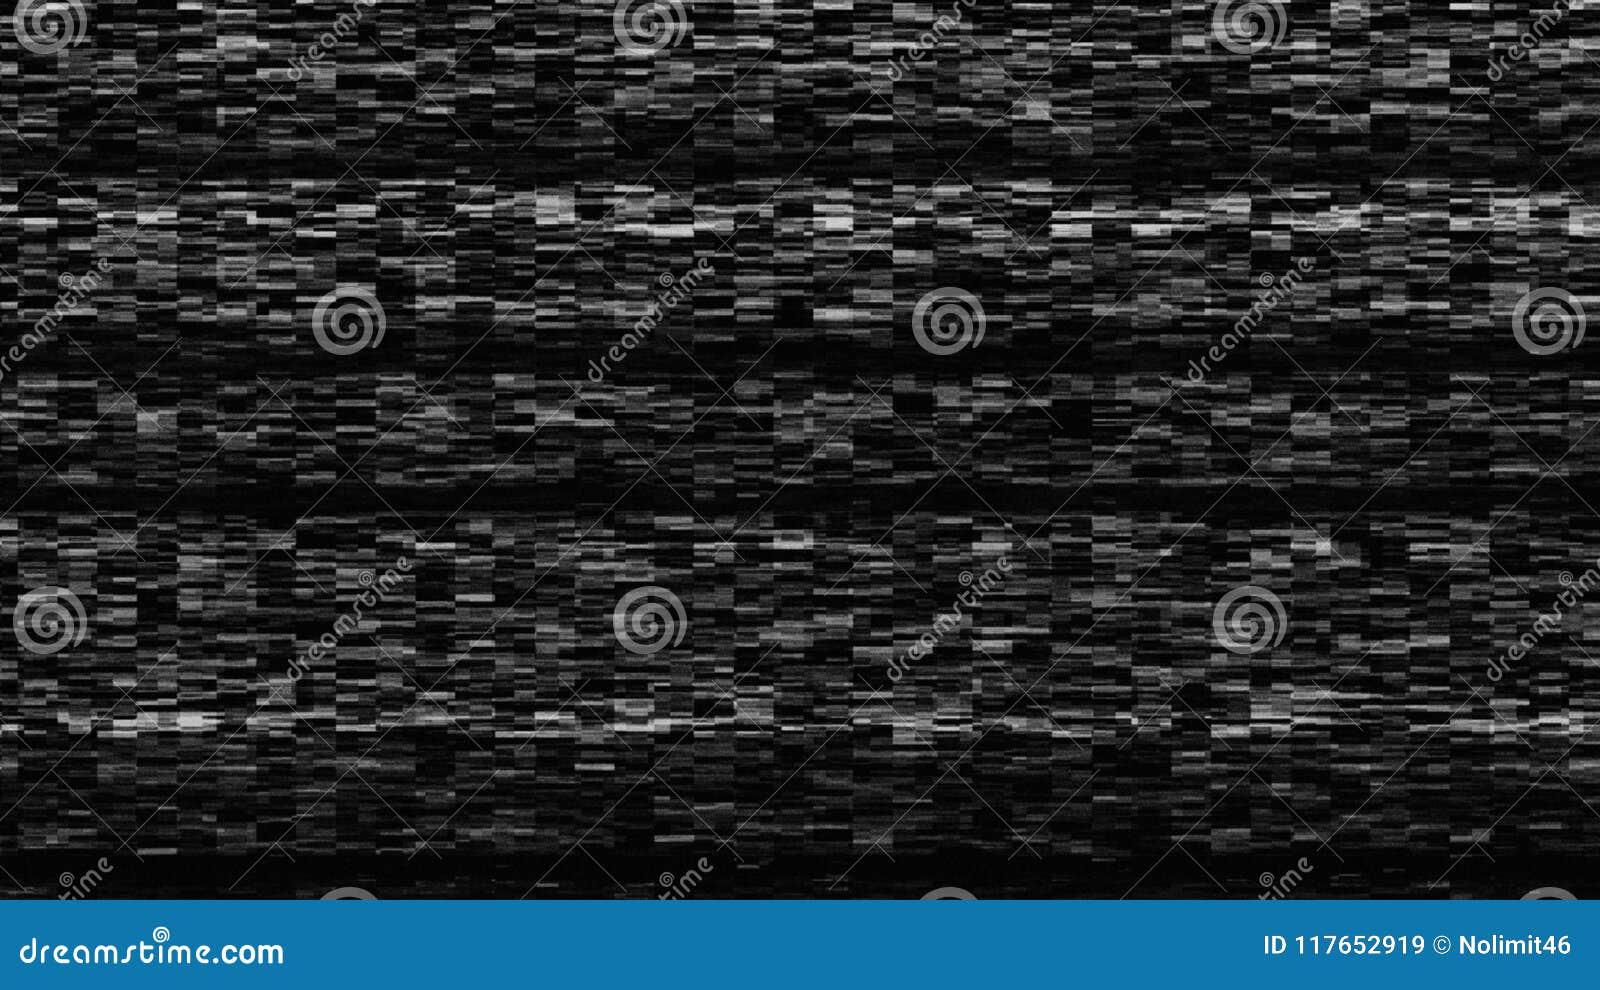 Динамический шум ТВ, плохой сигнал ТВ, черно-белый, monochrome, фон перевода 3d